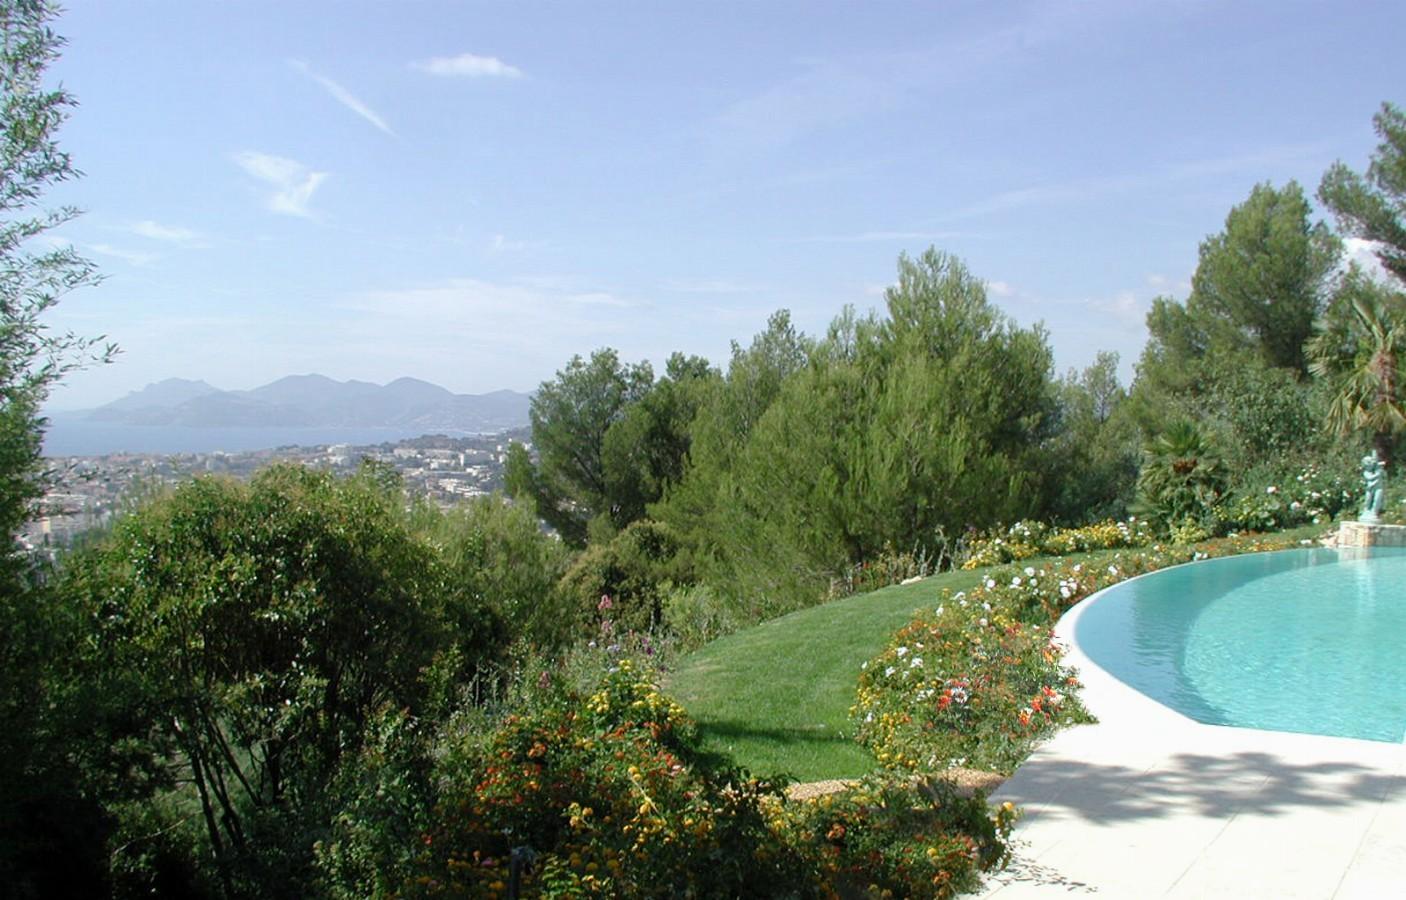 سحر البحر الأبيض المتوسط - الحدائق